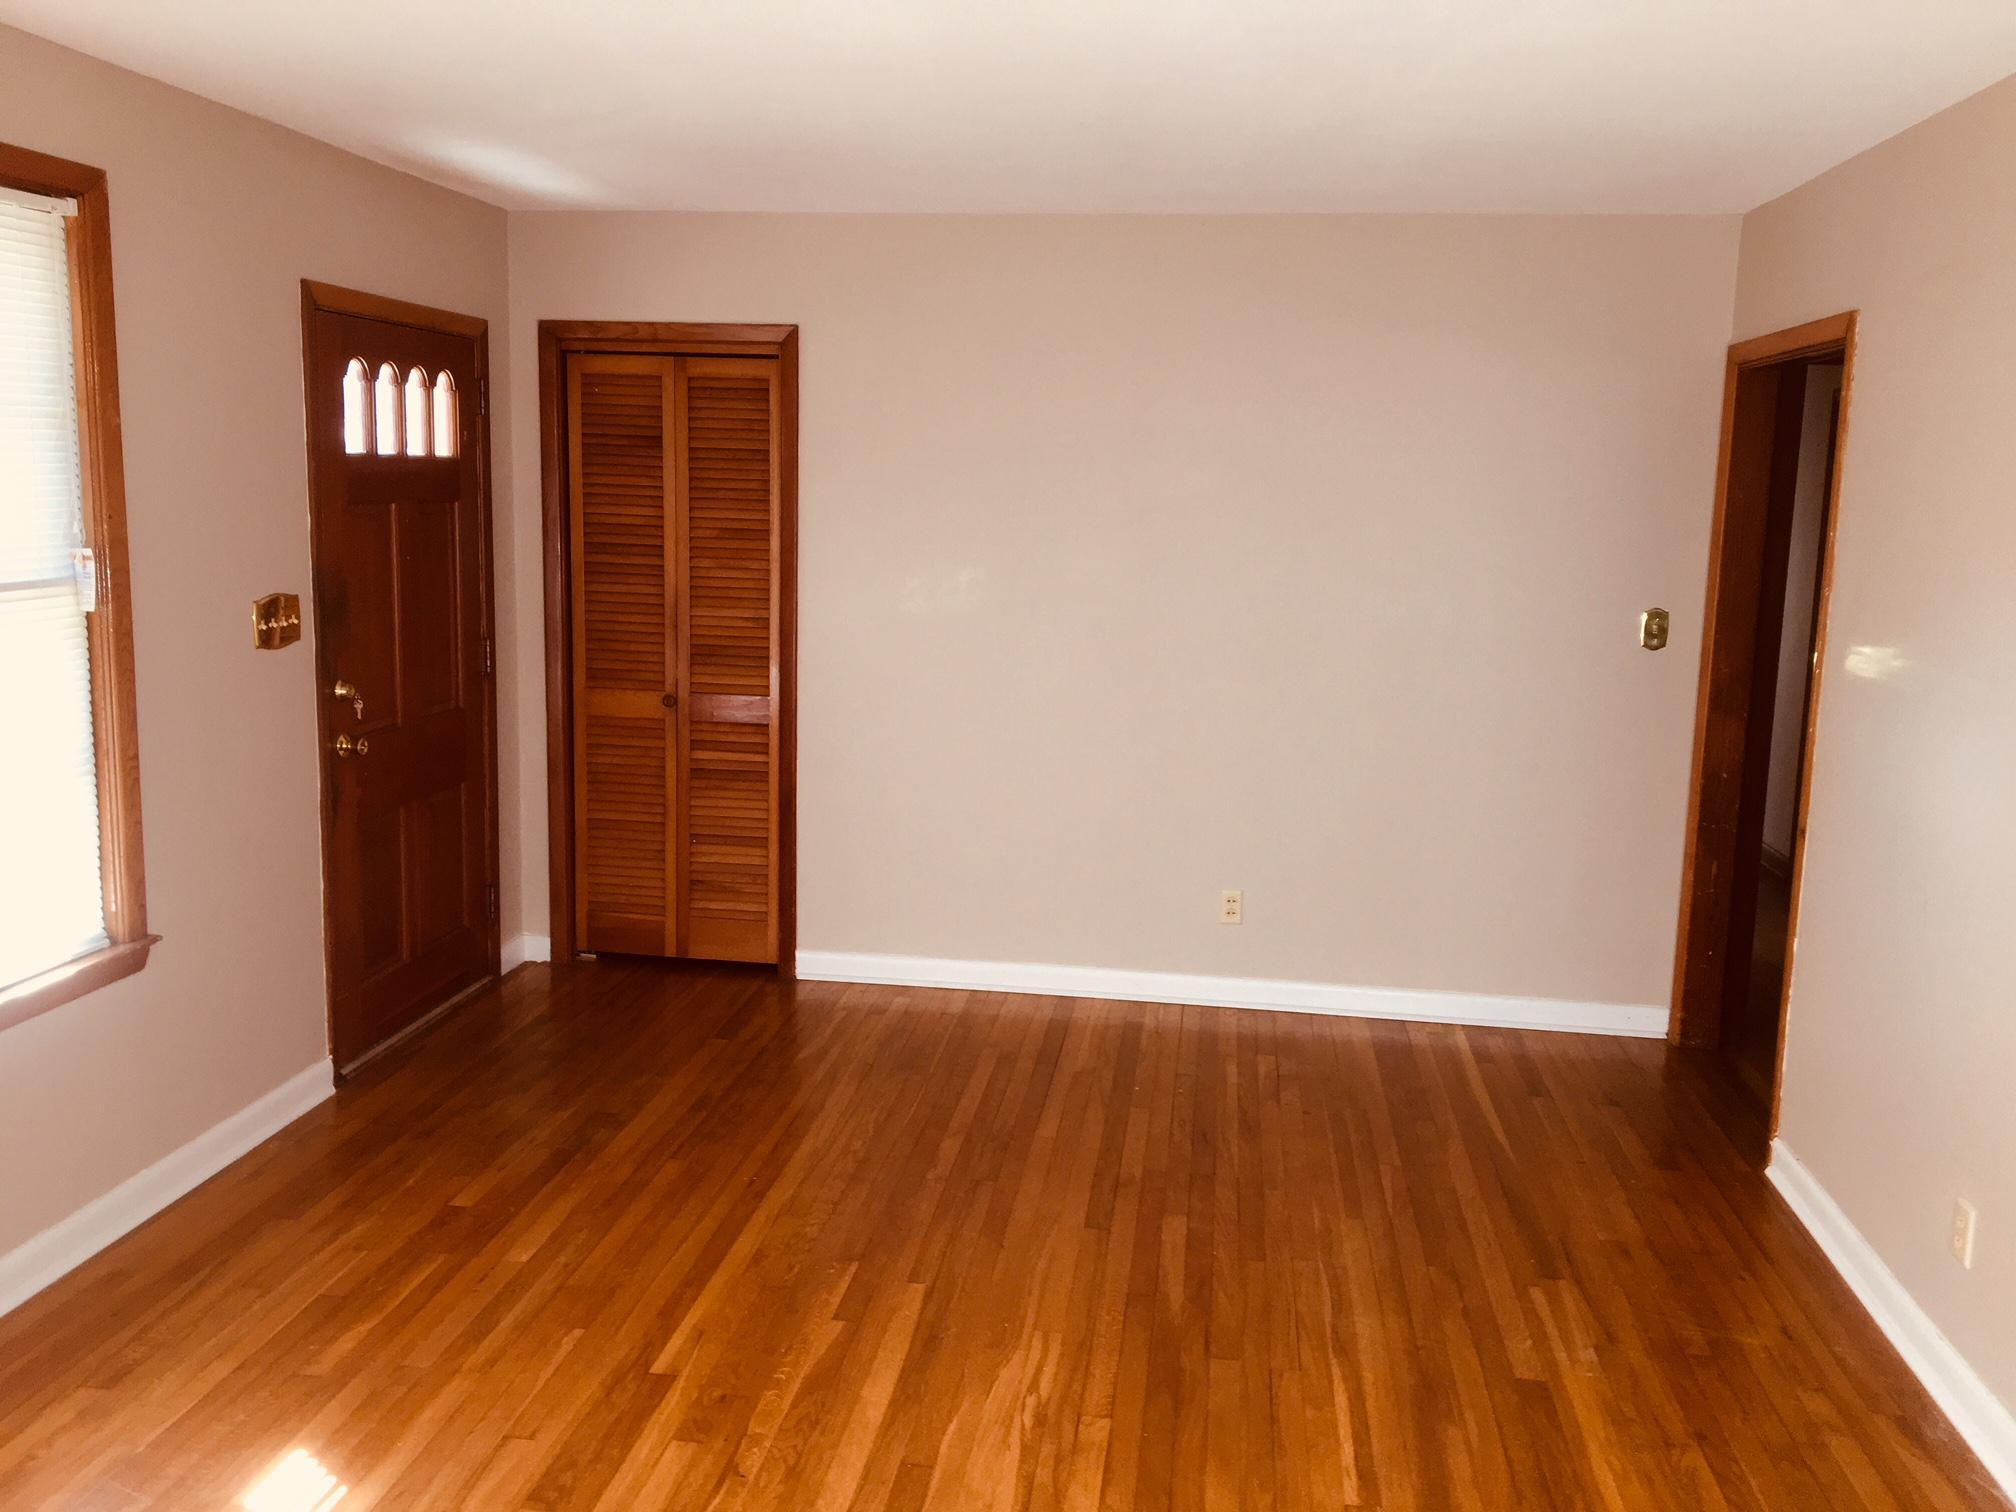 Shemwood Homes For Sale - 1146 Saint Elizabeth, Mount Pleasant, SC - 20